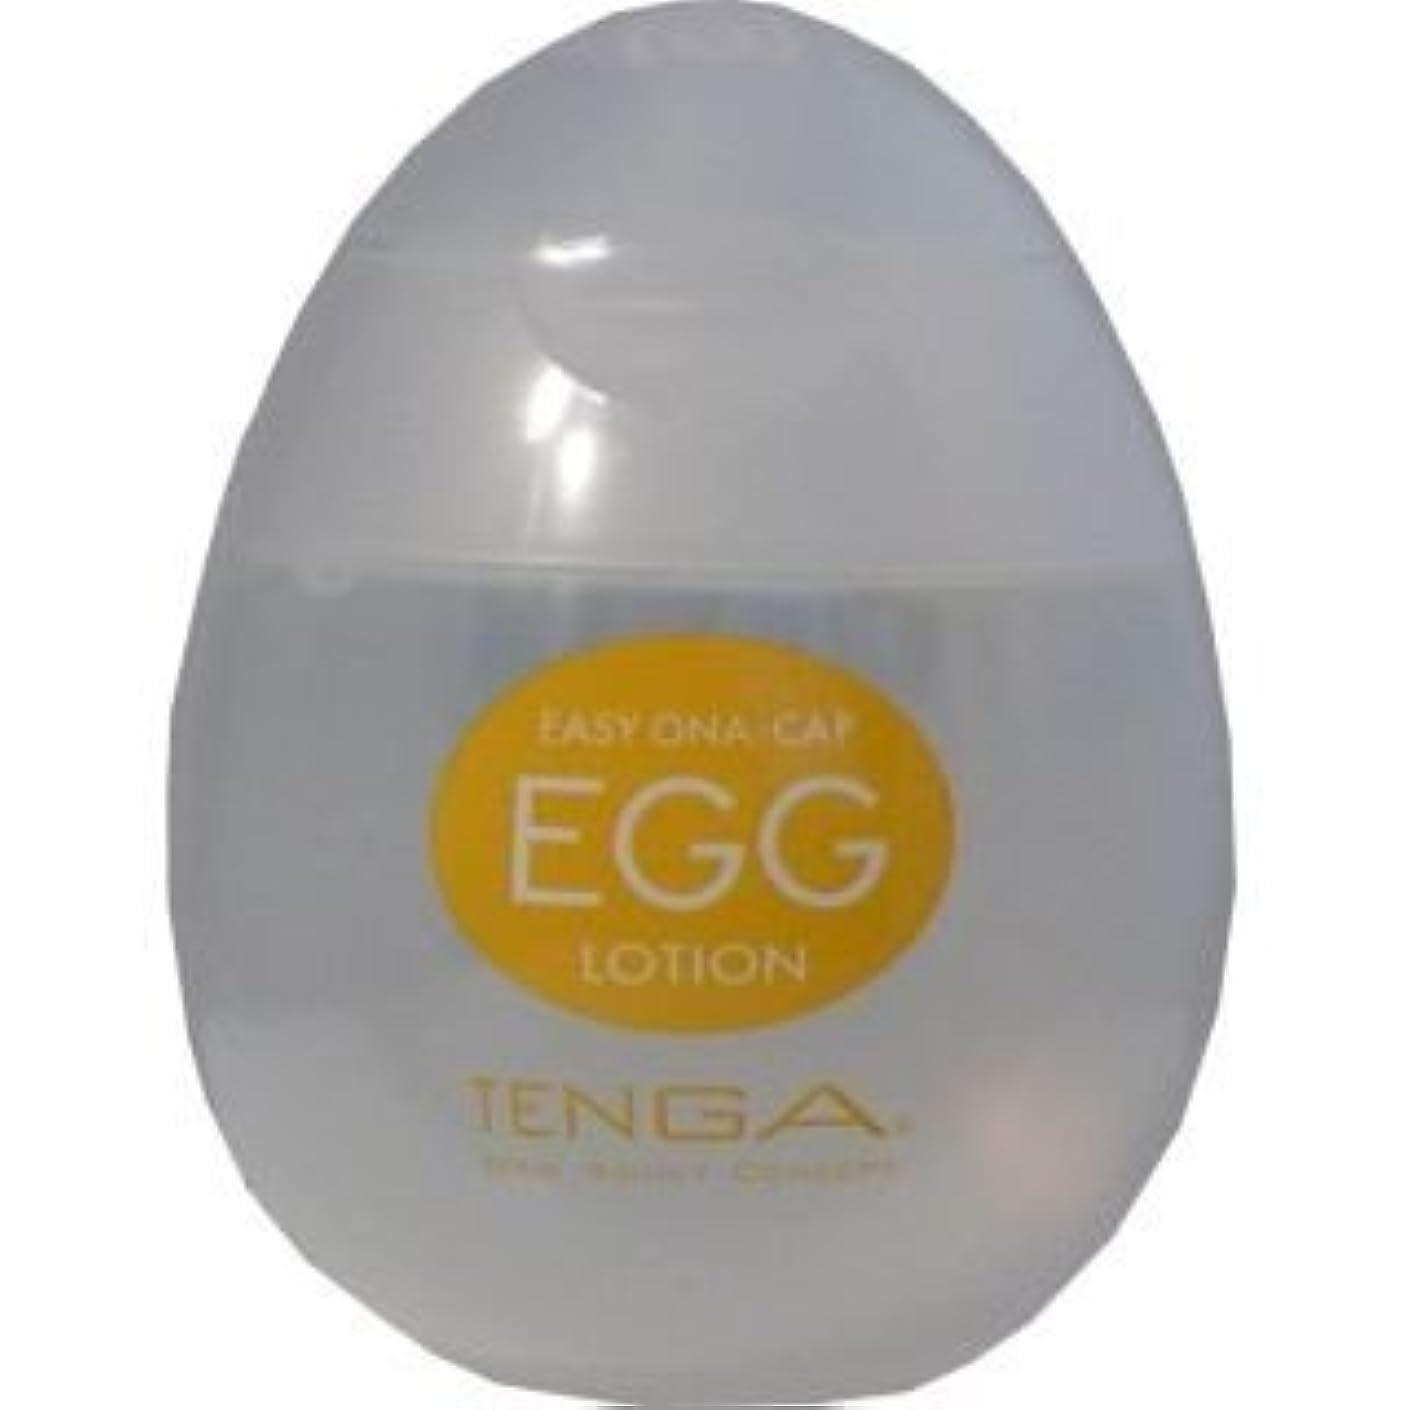 アクセサリー急ぐ次保湿成分配合で潤い長持ち!TENGA(テンガ) EGG LOTION(エッグローション) EGGL-001【4個セット】